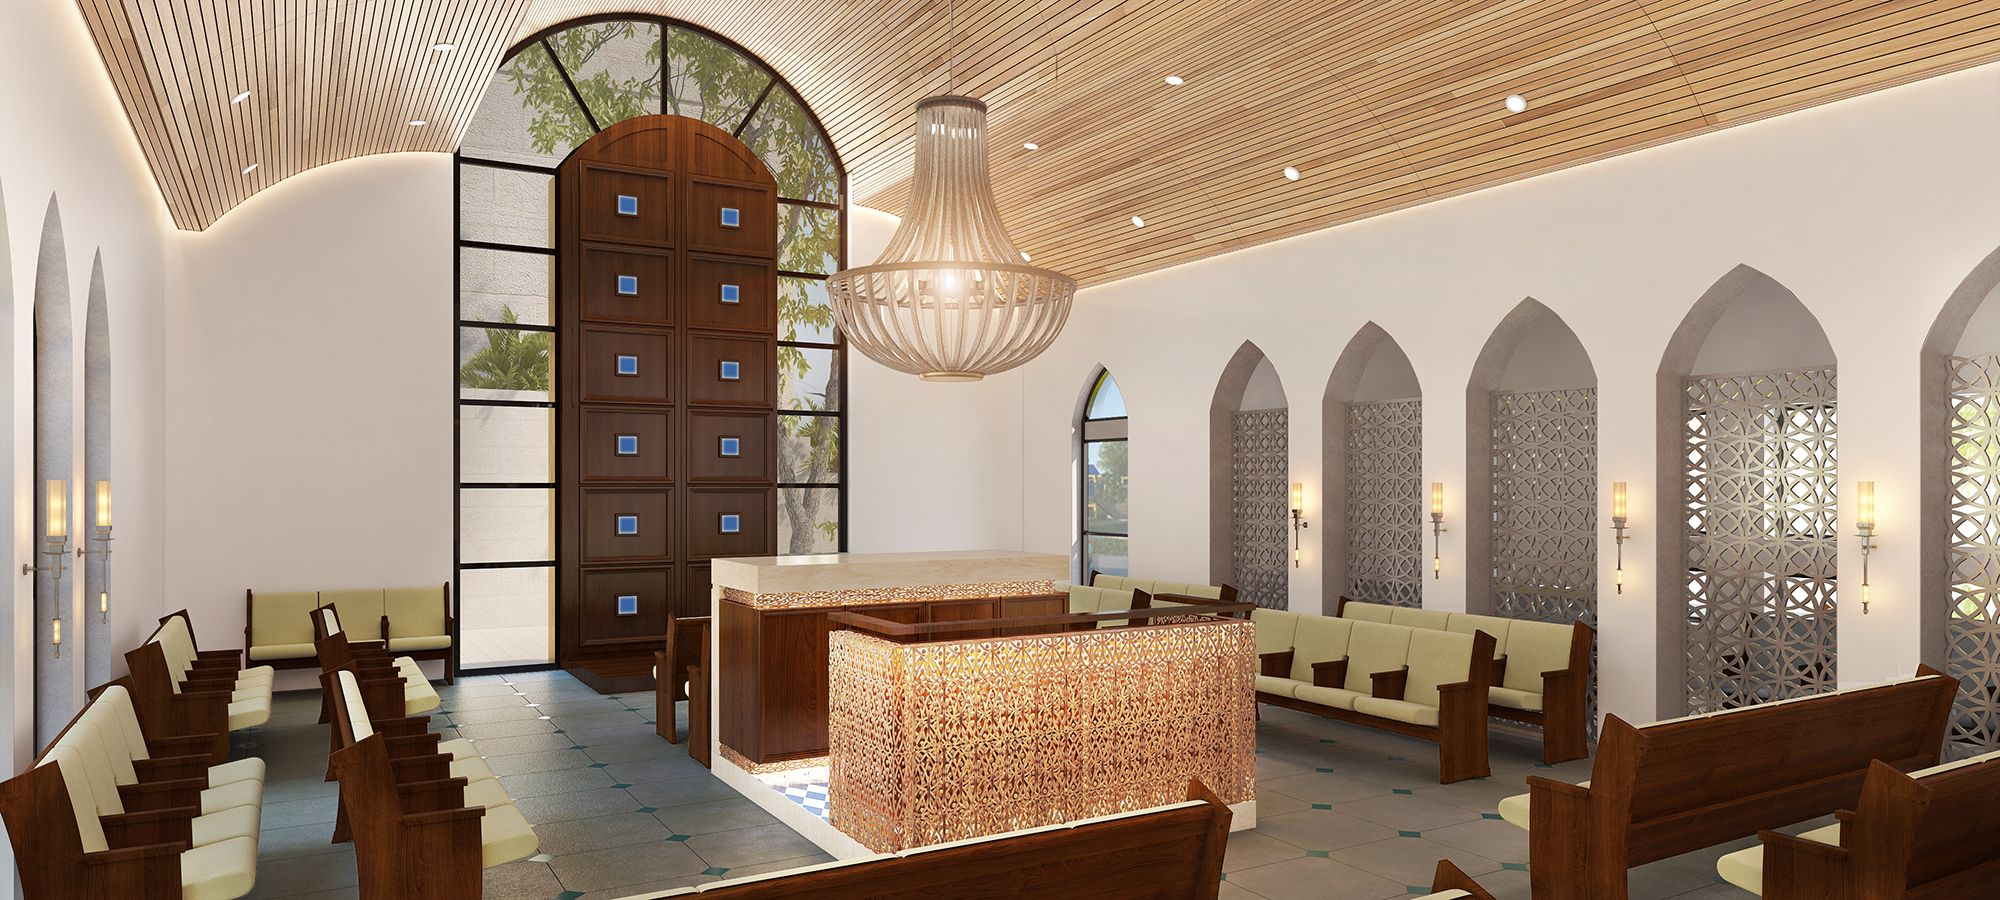 מיסטיקה יהודית עם משרביות בבית הכנסת המרוקאי במודיעין